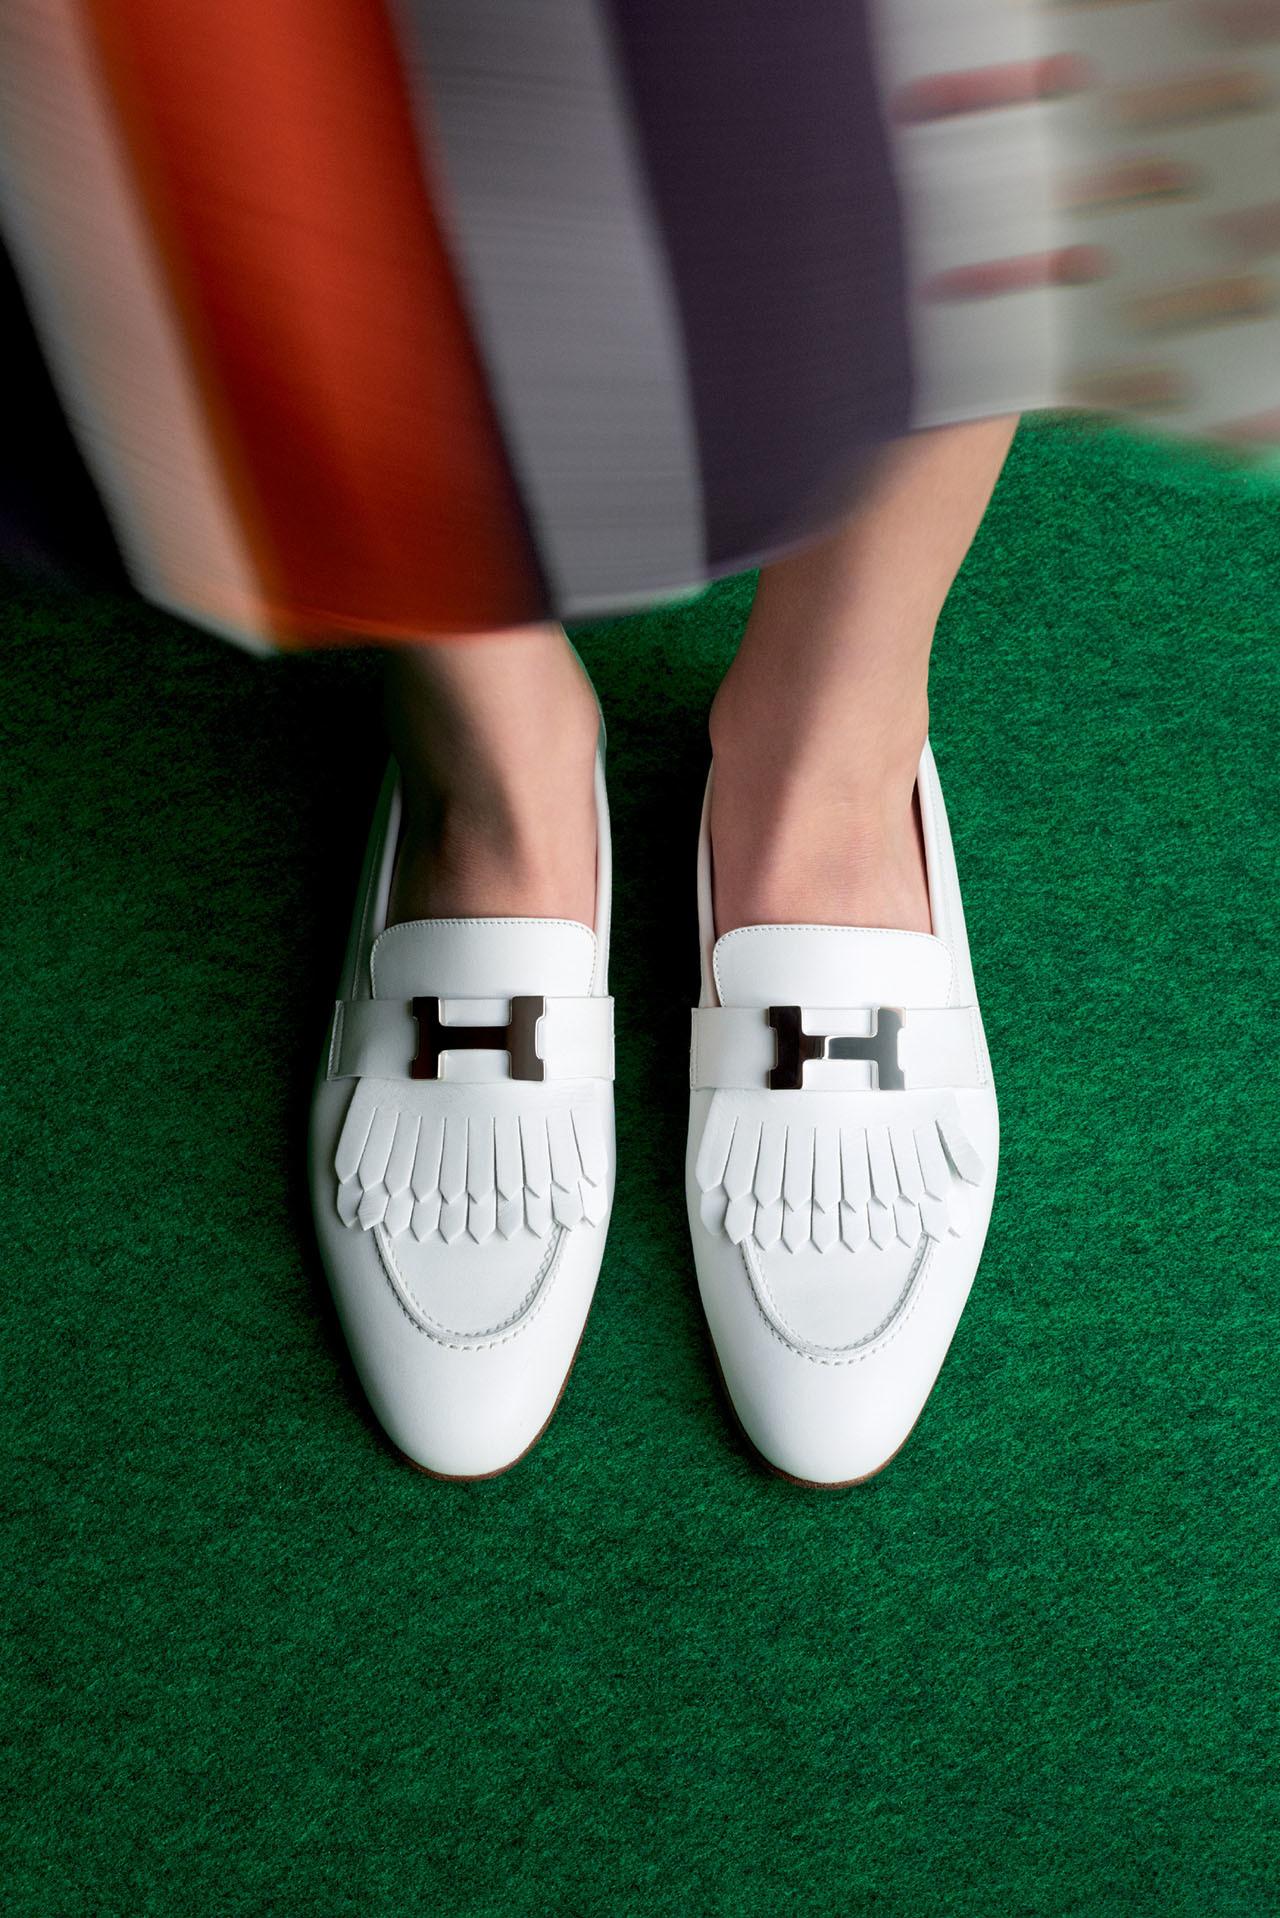 Jマダムの足元は、いつだって「ヒールがなくても素敵な靴」 五選_1_1-1